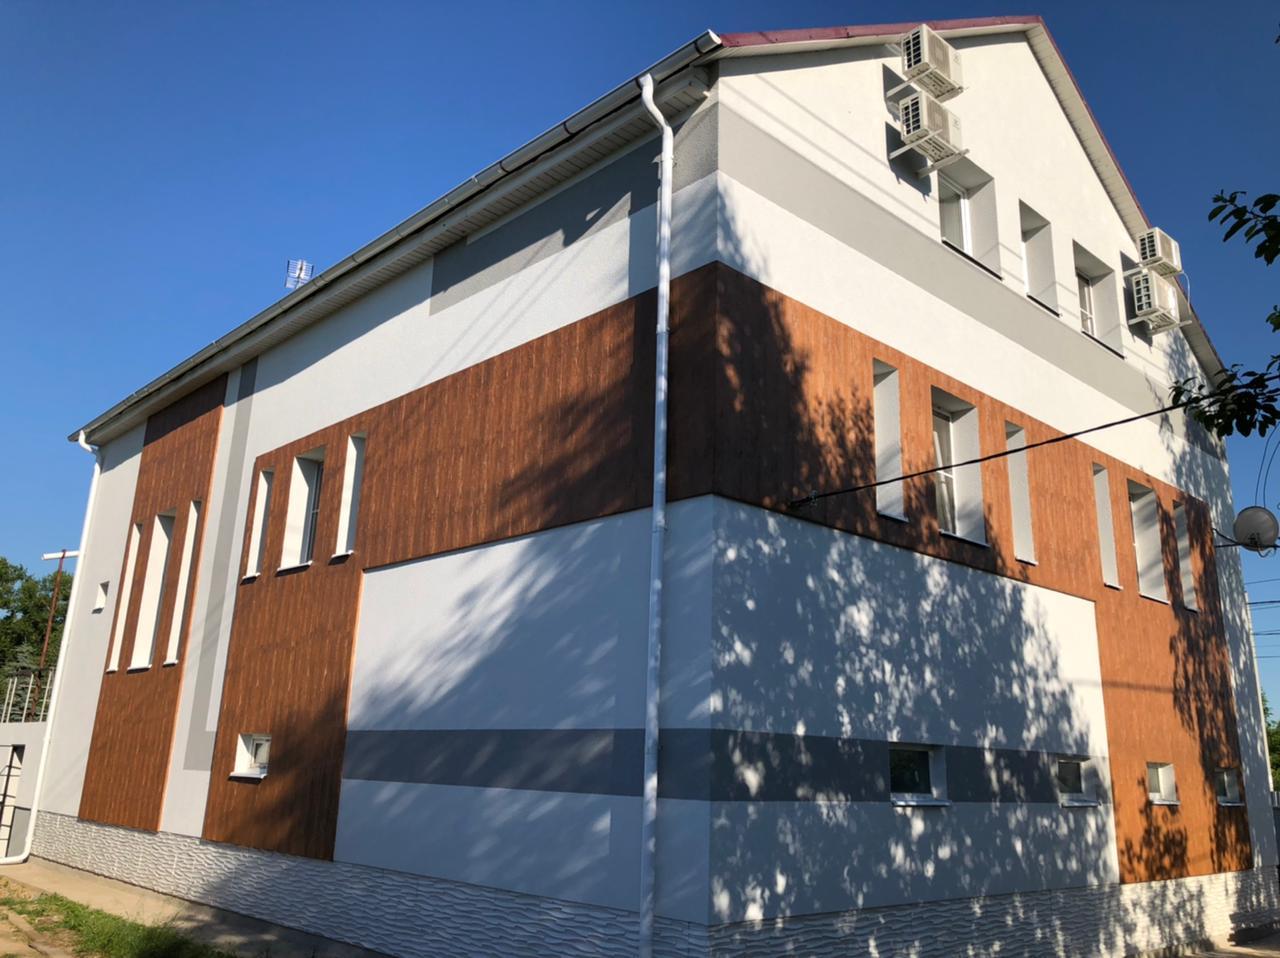 Законченные фасадные работы в поселке Столбовая